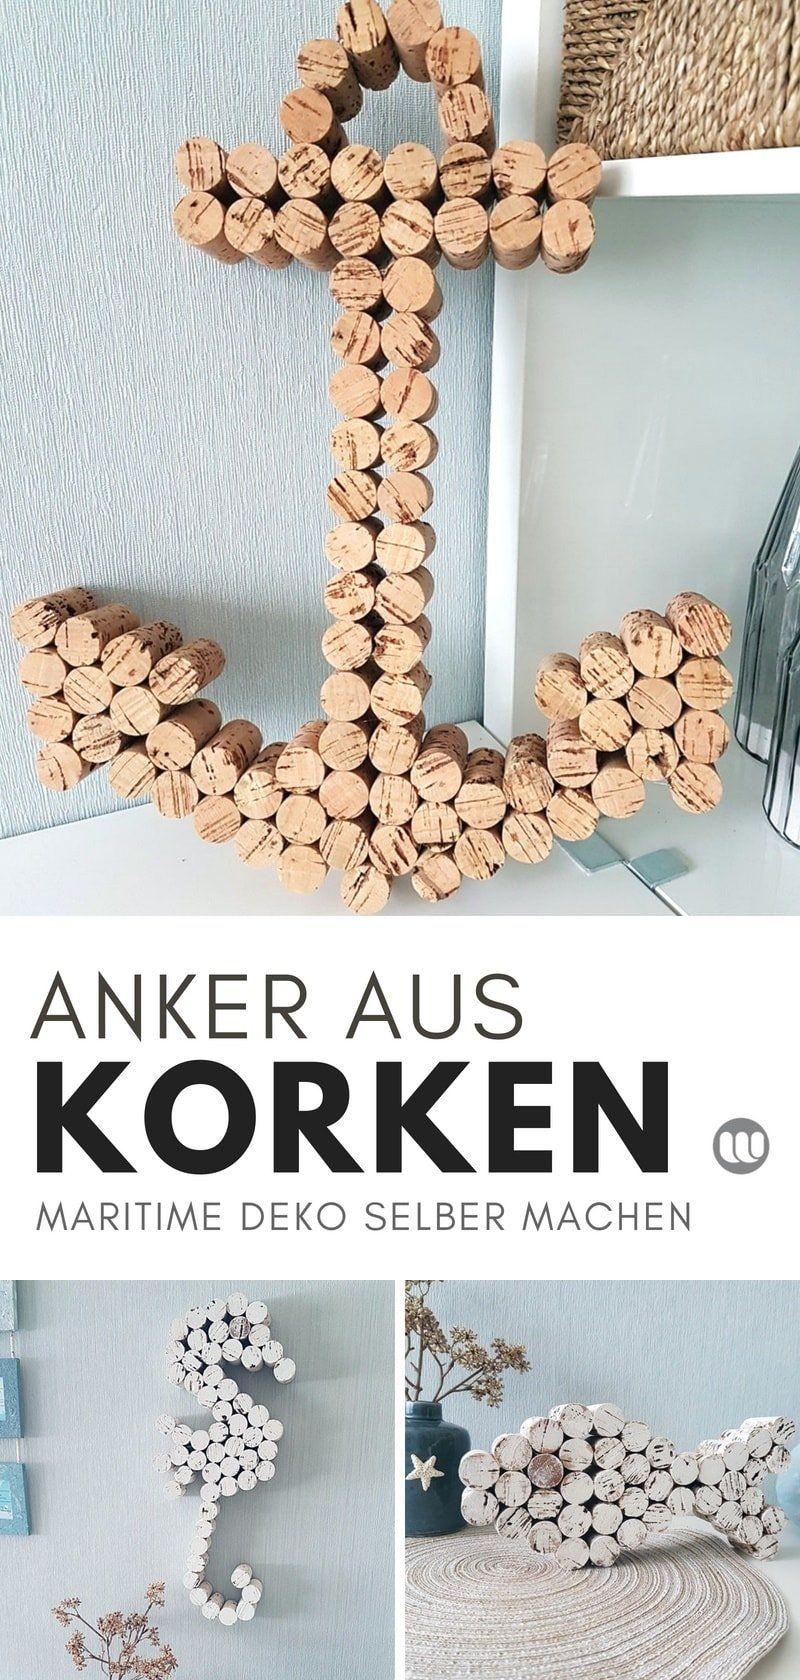 #Maritime #Korken #Anker #Seepferdchen #basteln #Weinkorken  #dekoration #unterwasserwelt #selbermachen #selbstgemacht #diy  #deko #summer #bastelidee